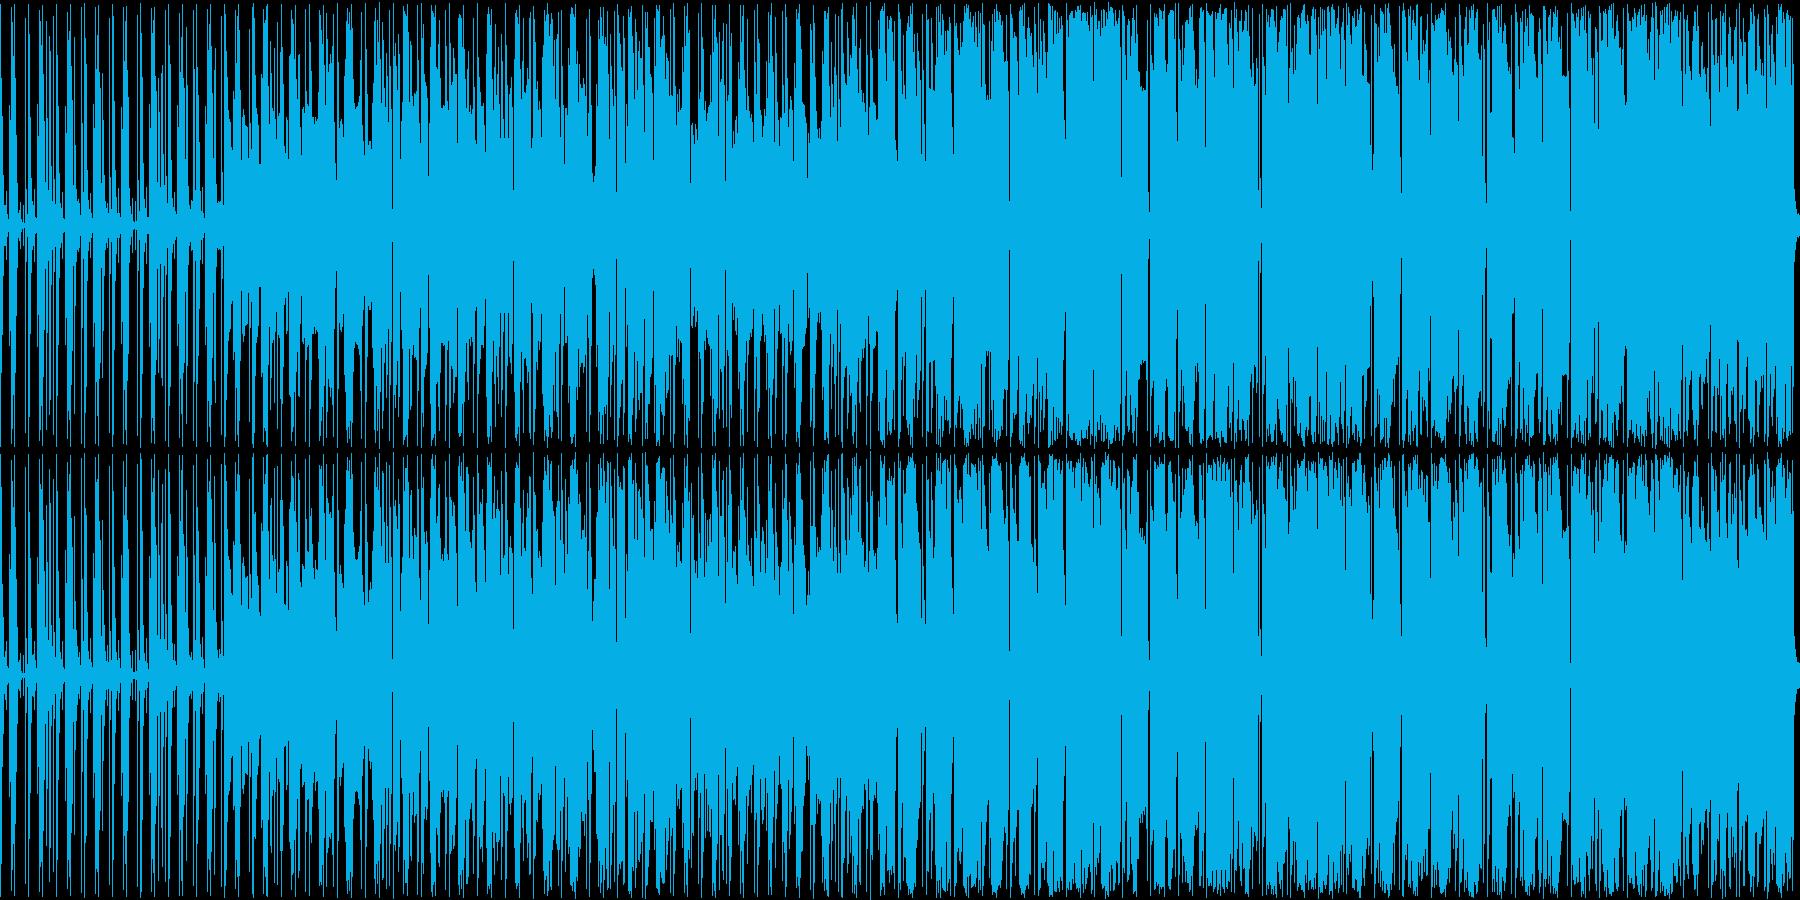 オルガンとドラムが主体の軽快な曲ですの再生済みの波形